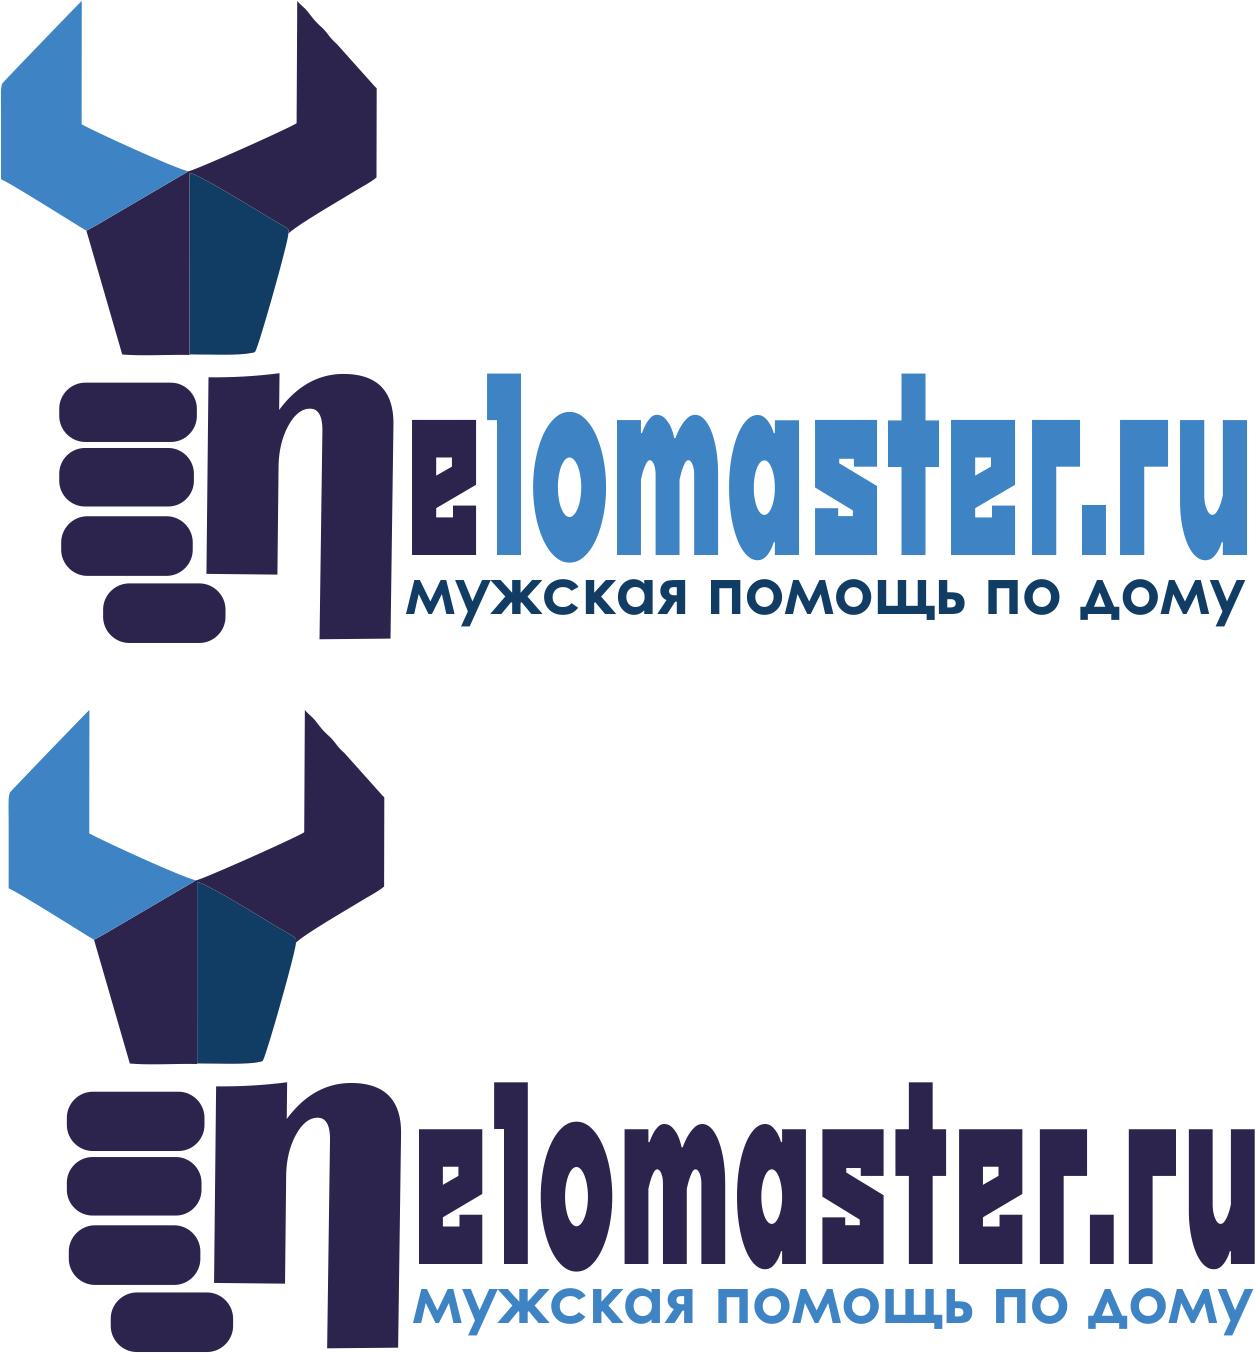 """Логотип сервиса """"Муж на час""""=""""Мужская помощь по дому"""" фото f_4255dc3ad8a20f5b.png"""